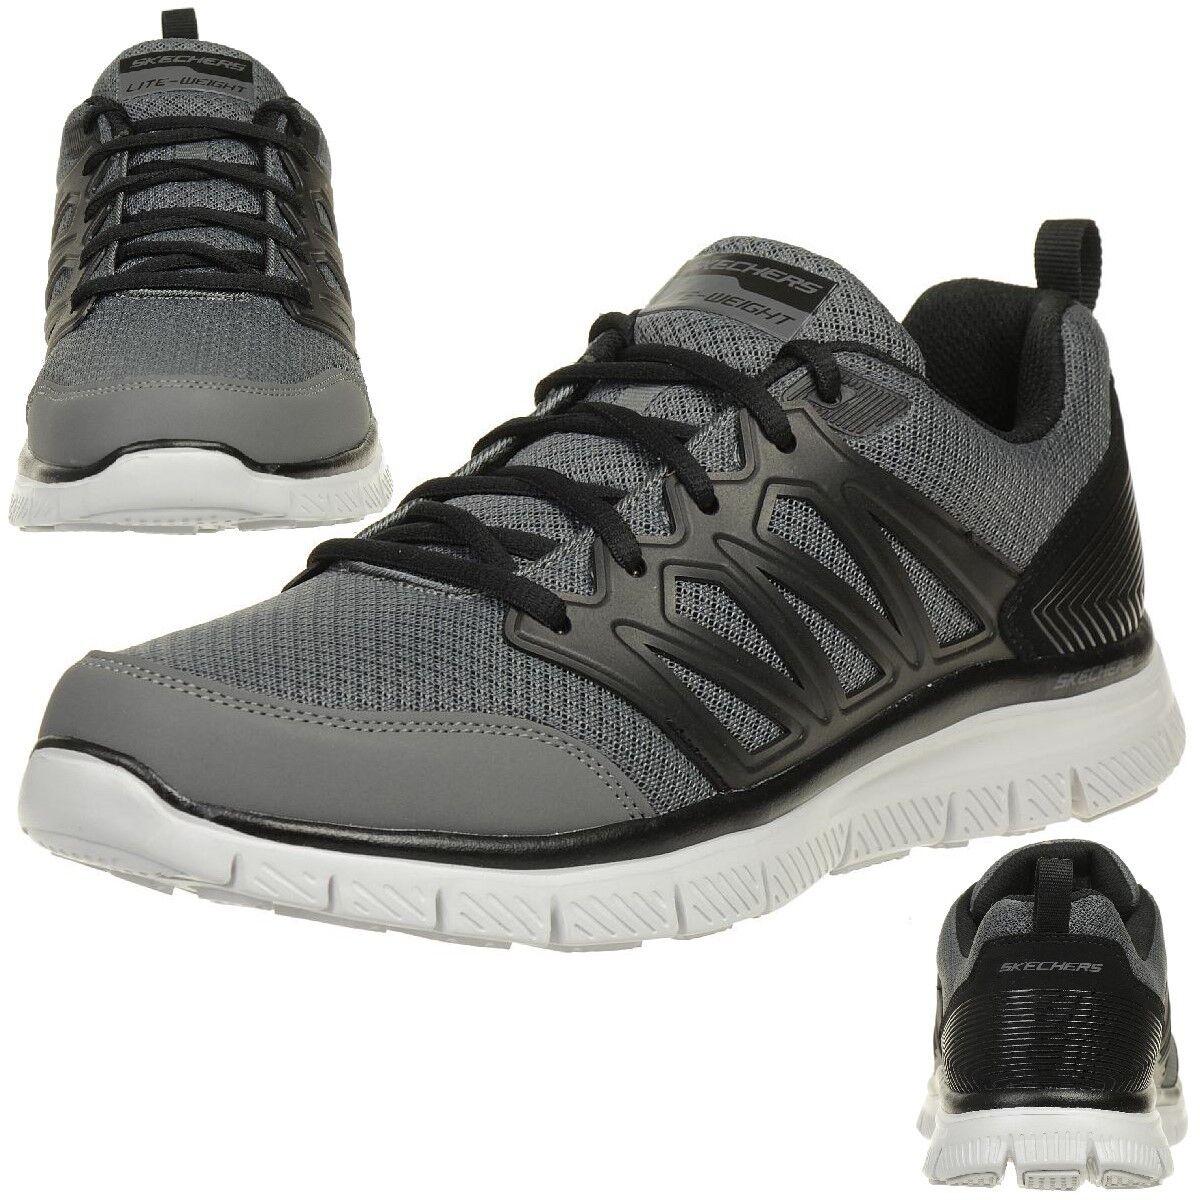 Skechers Skech Flex Advantage SHEAKS Herren Sneaker Fitness Schuhe GYBK